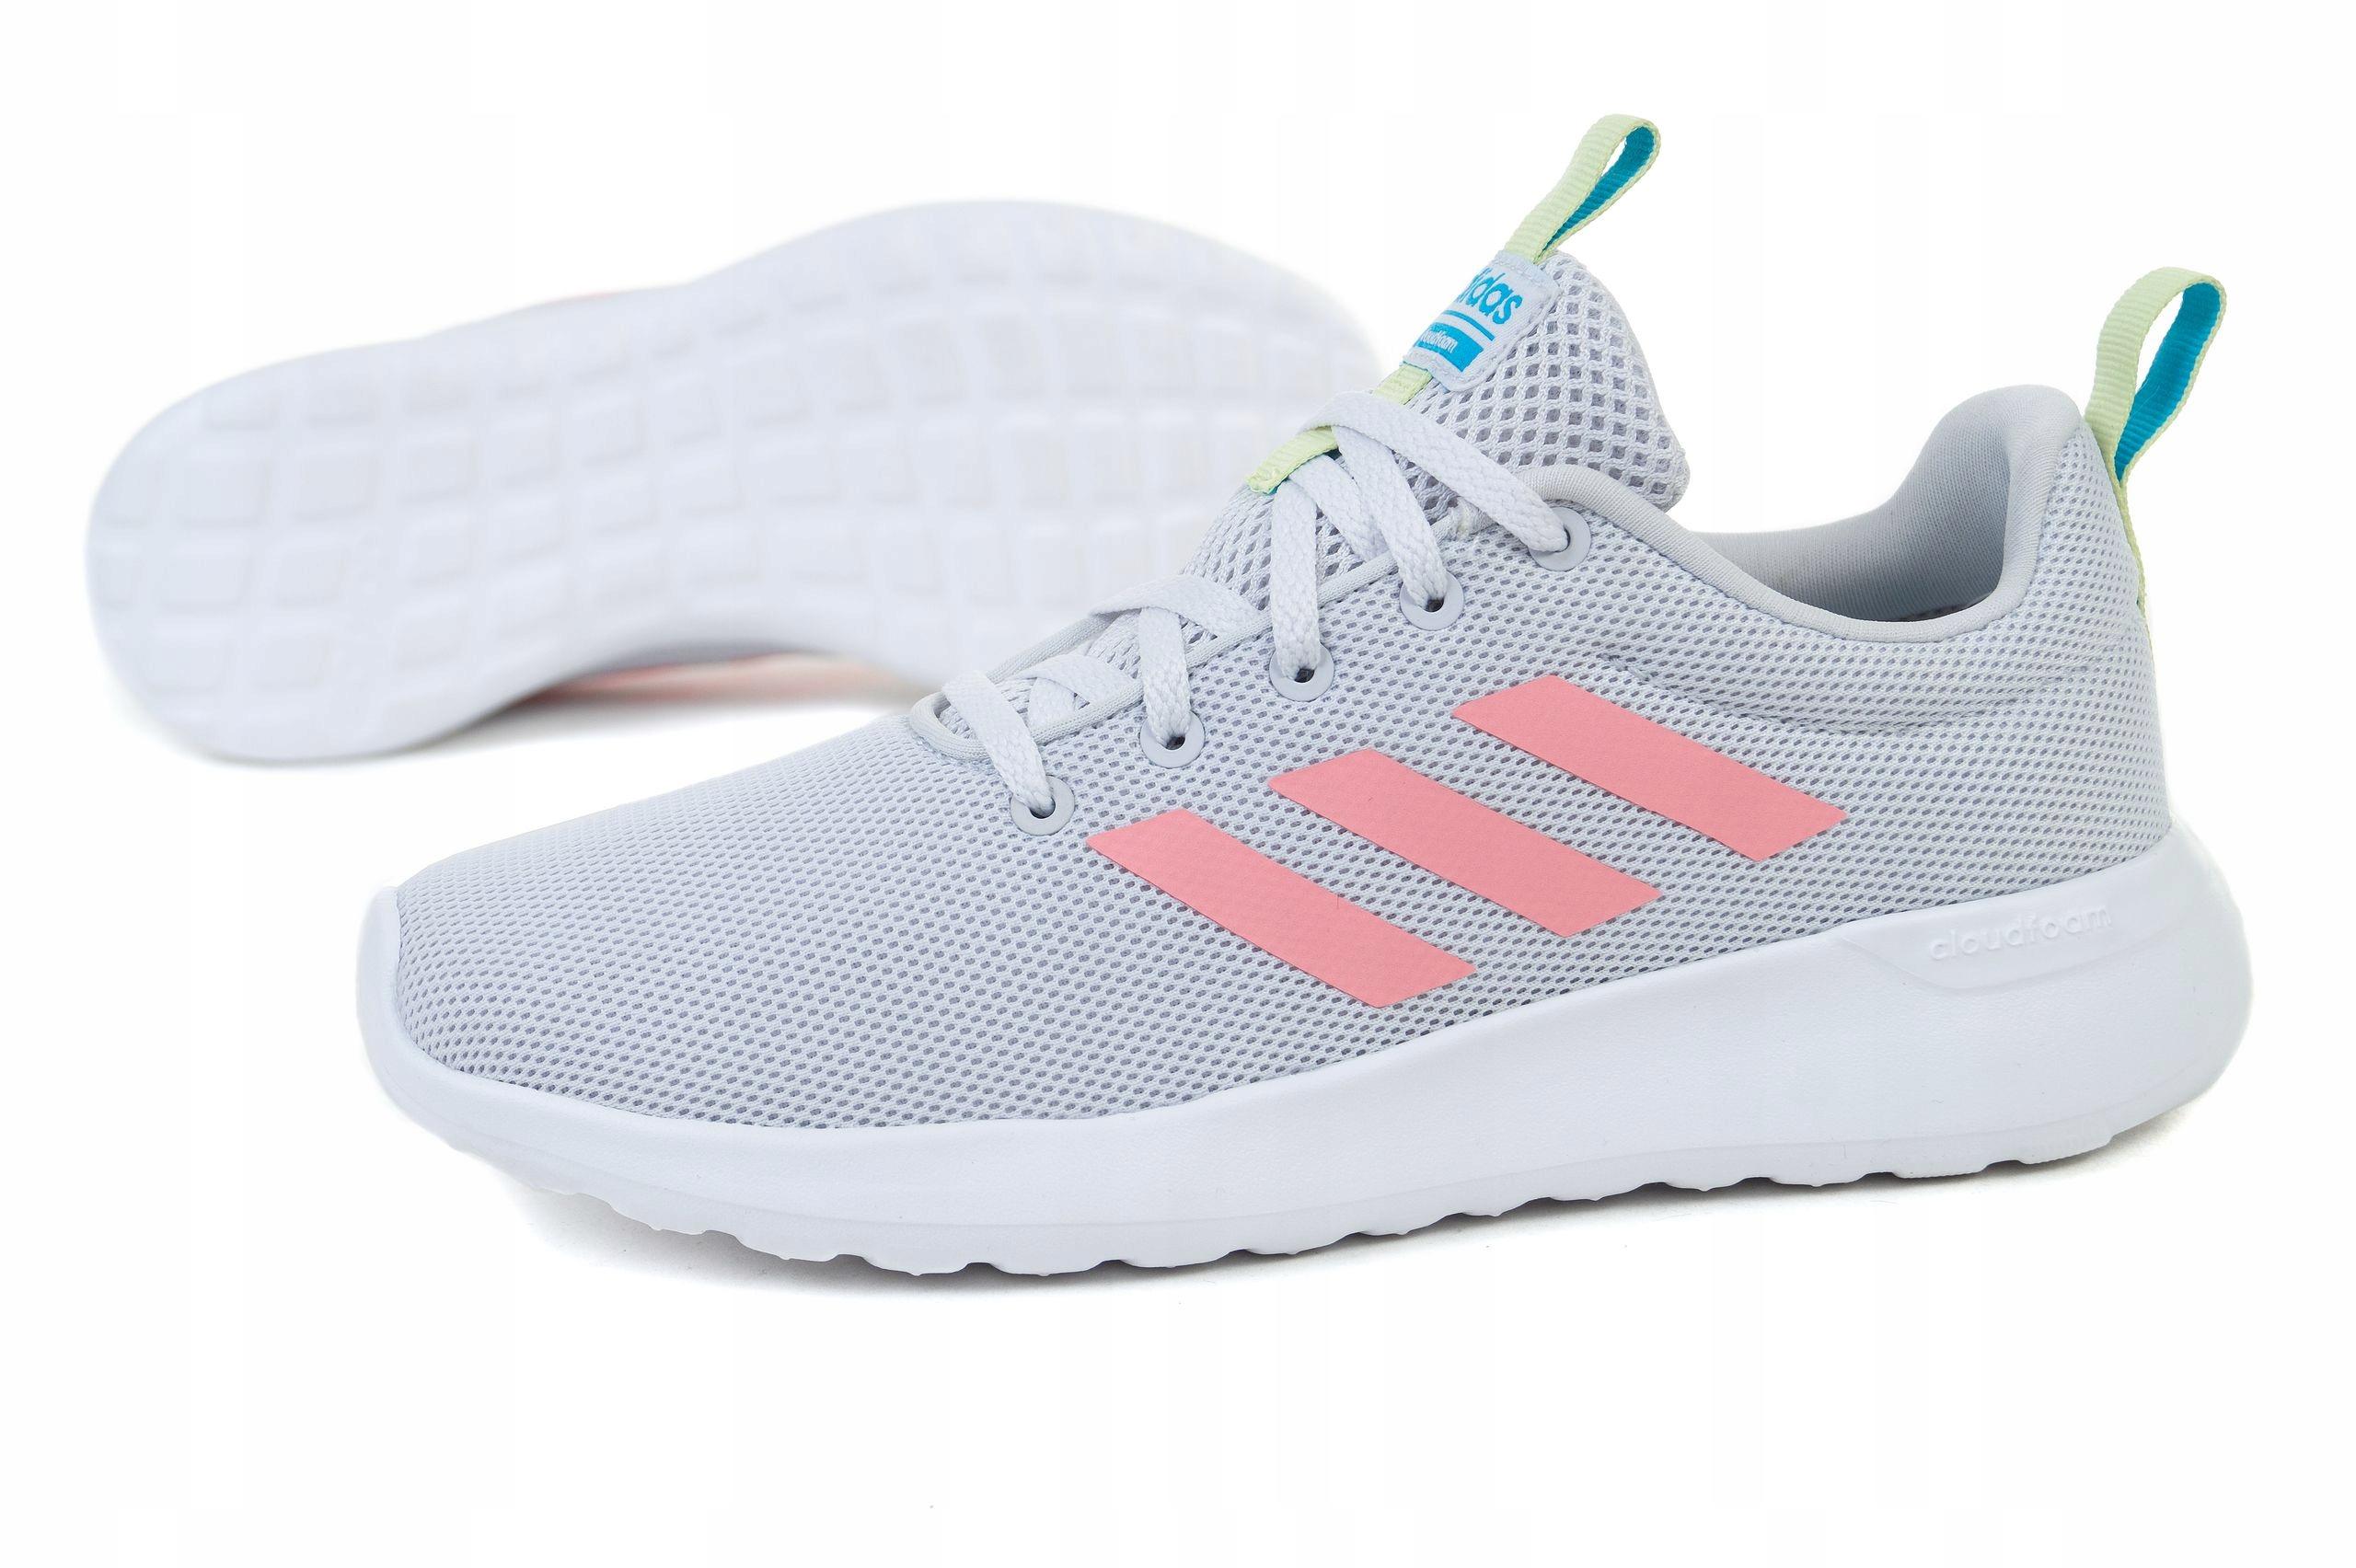 Buty dla dzieci adidas Lite Racer CLN K szare EG3049